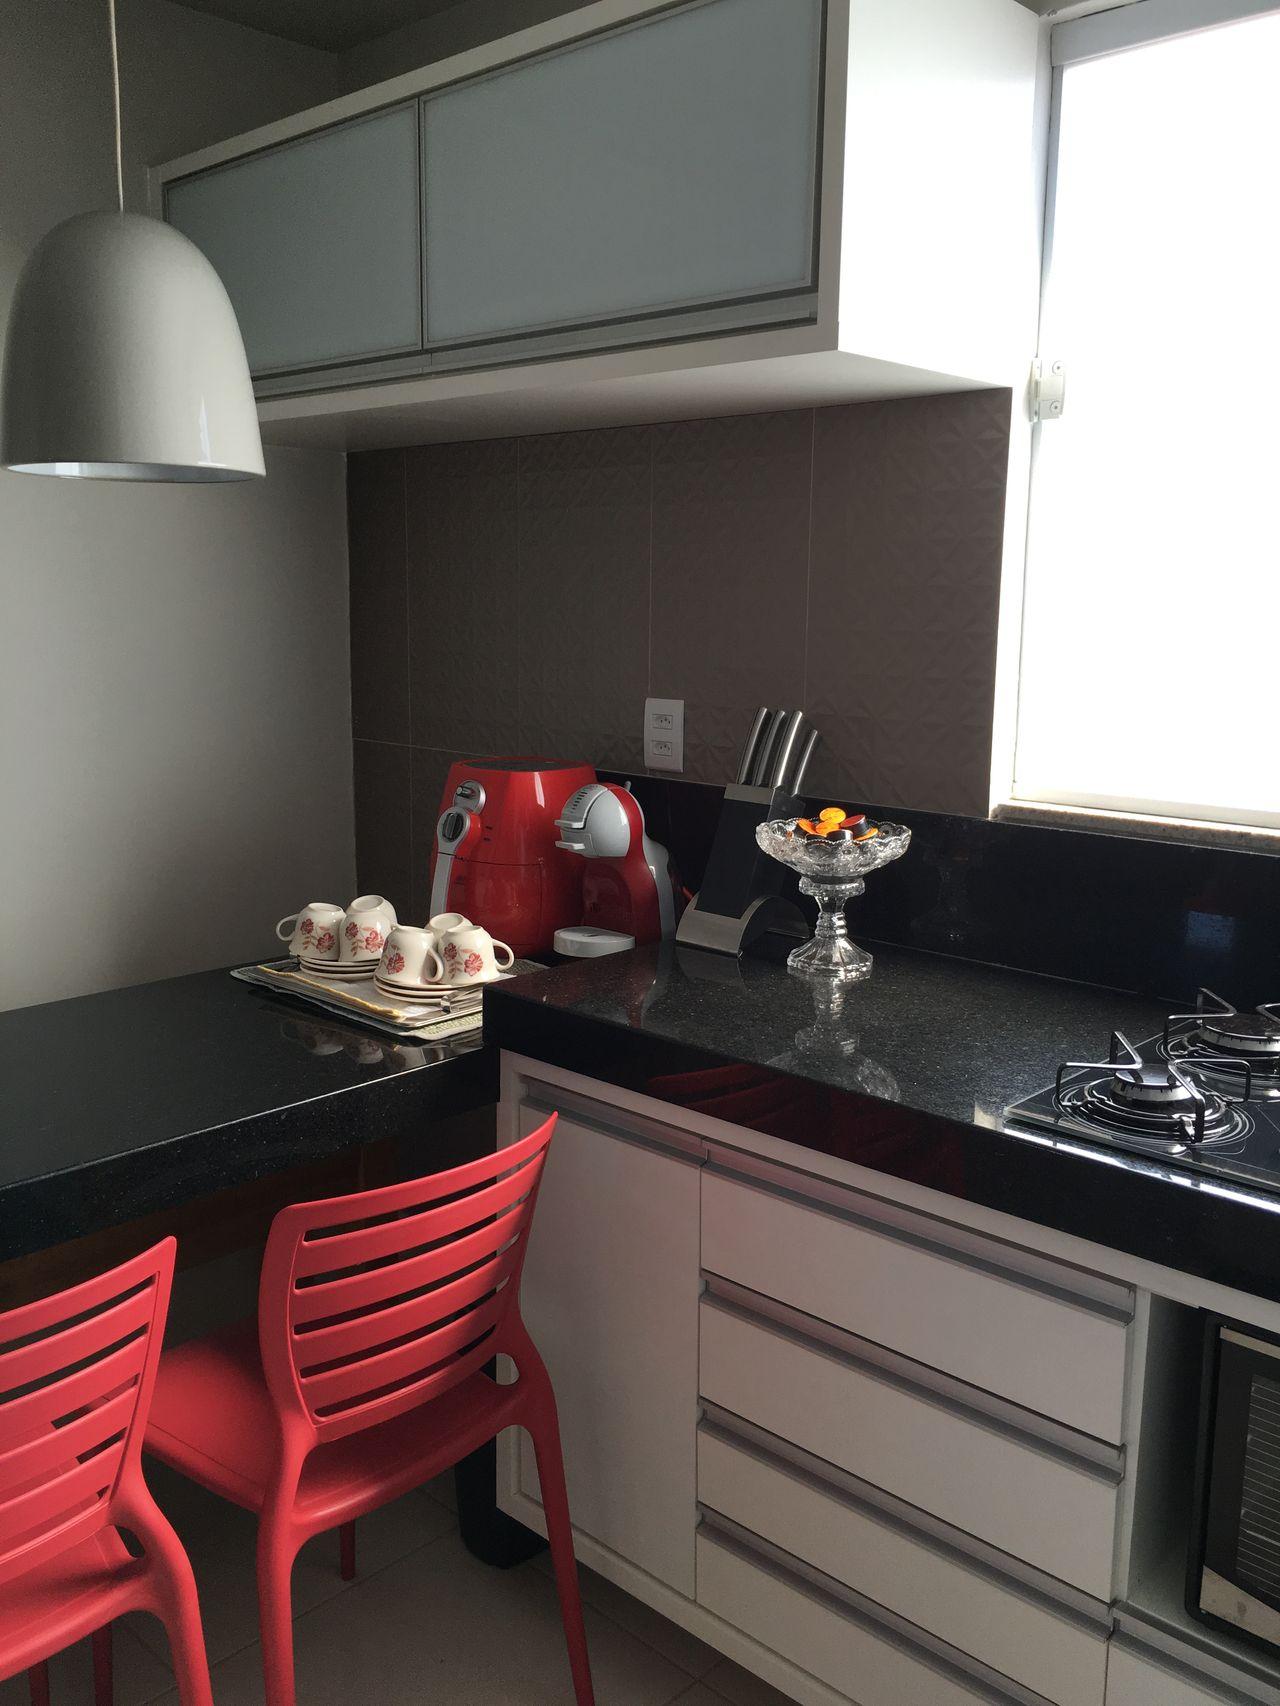 Cozinha Branca E Preta Com Copa E Cadeira Vermelha De Rikelly